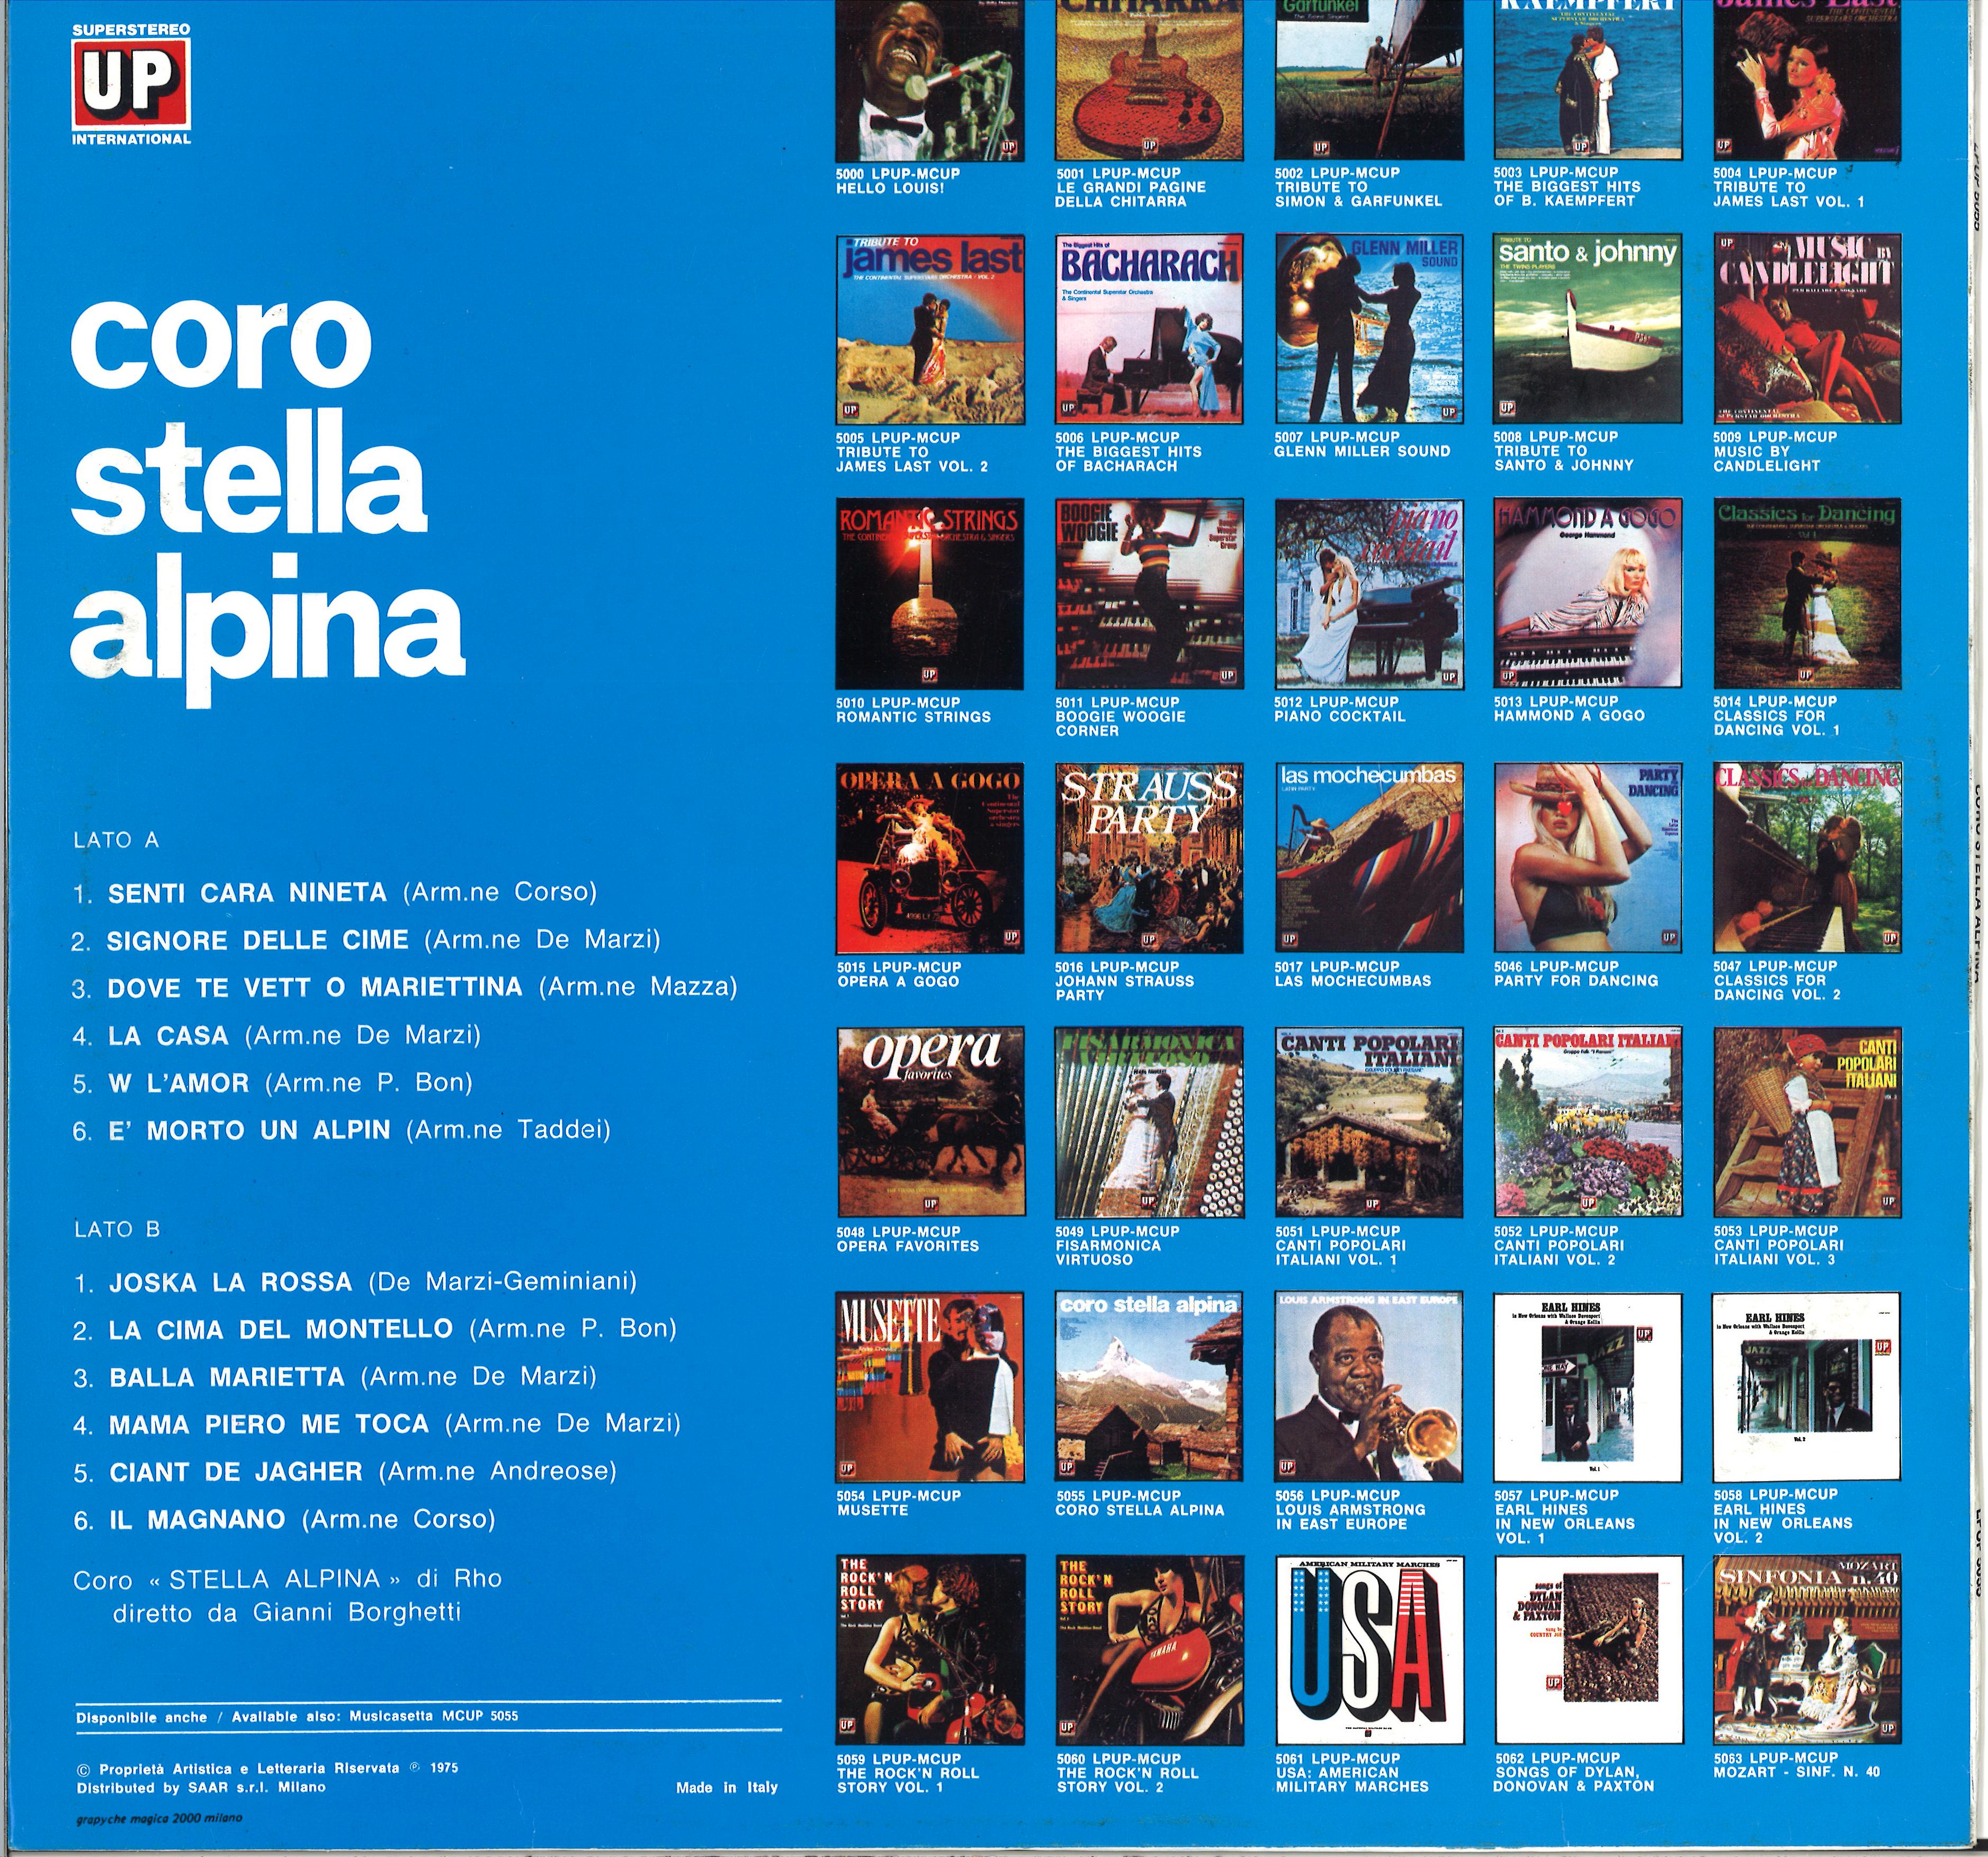 primo disco seconda copertina retro